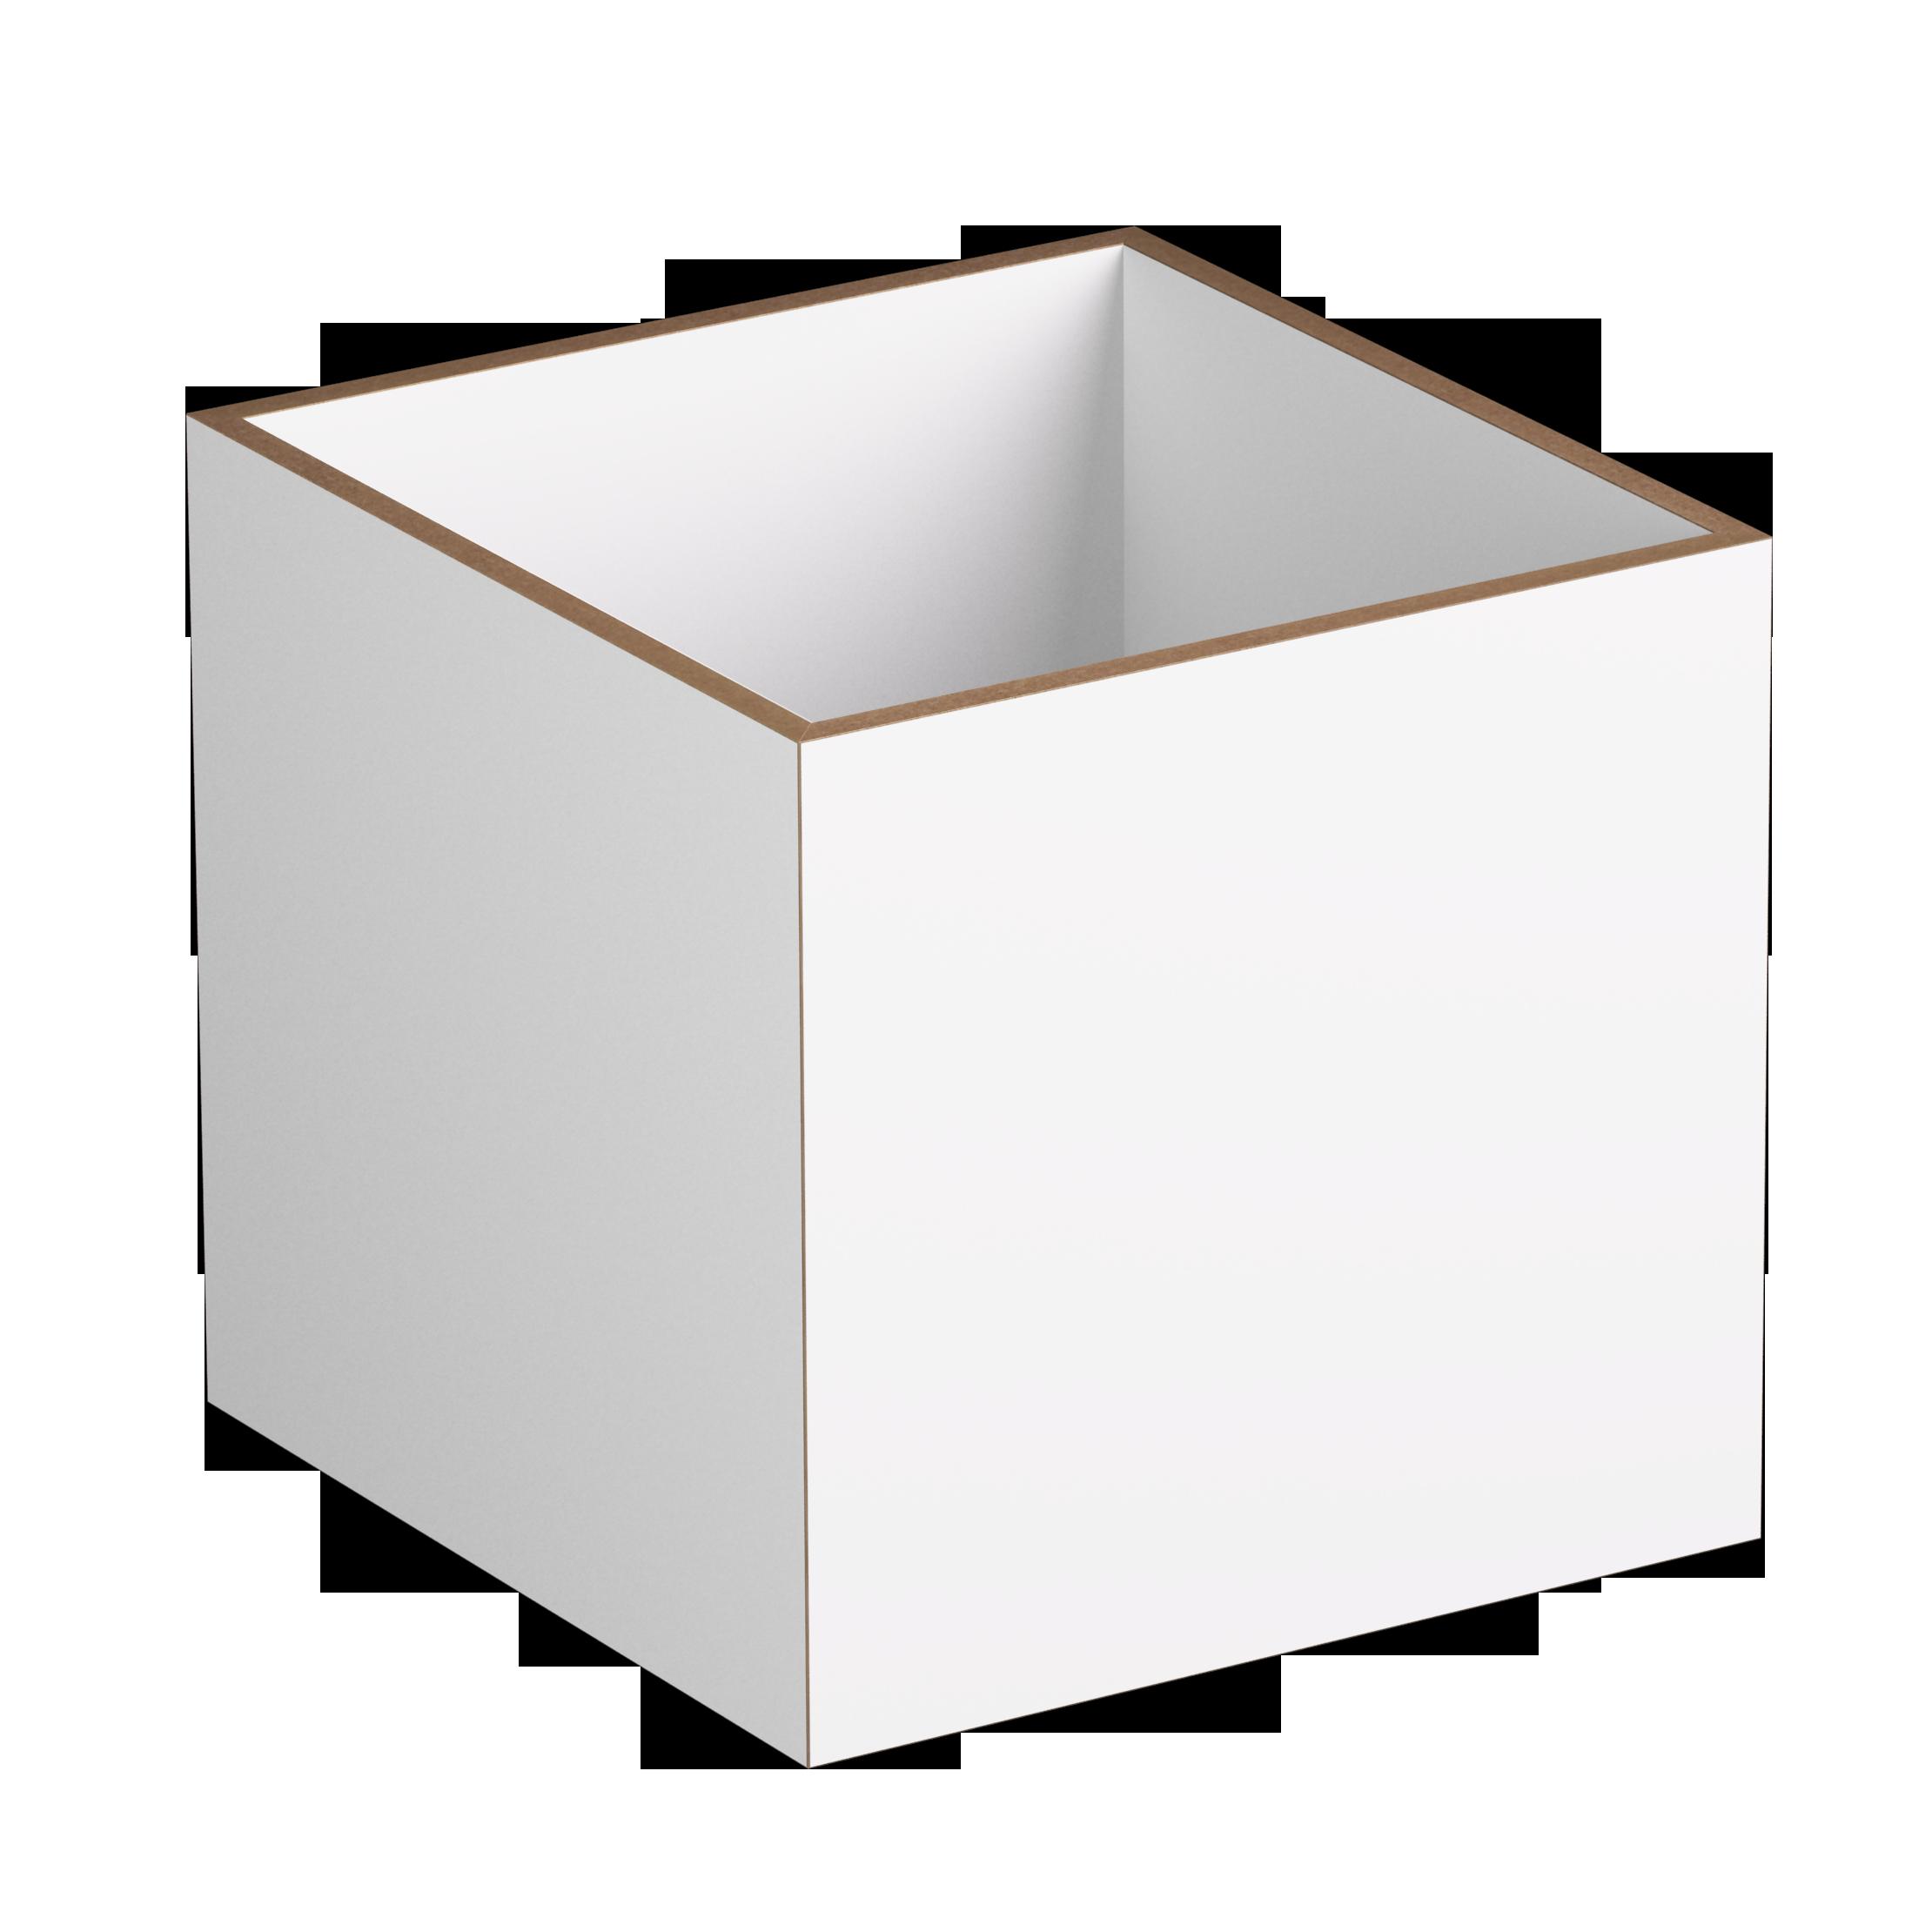 Einschub 1:1 weiß - stocubo Regalsystem, Würfelsystem, Würfel ...